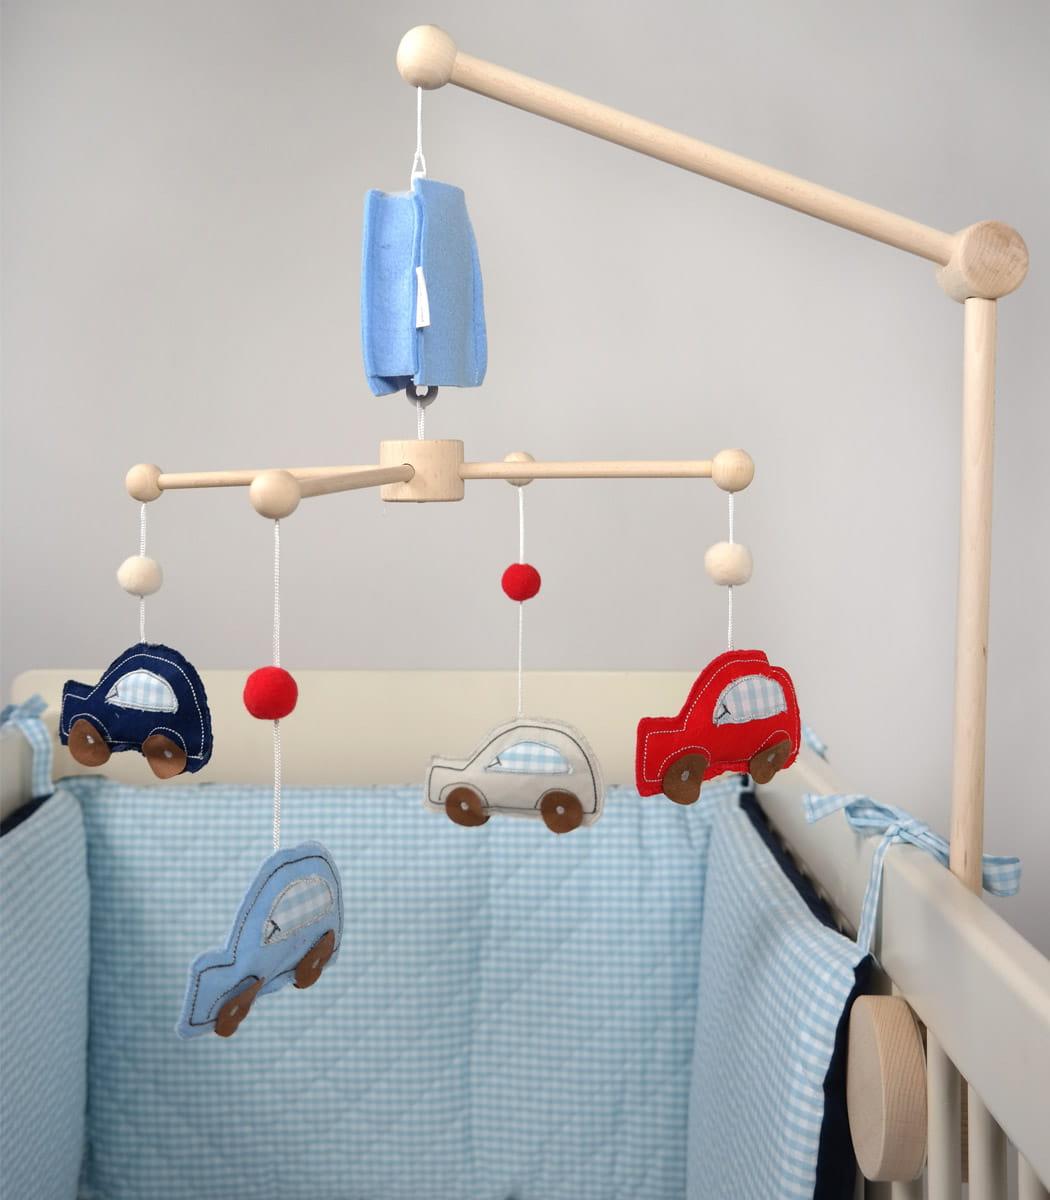 Zabawkowe karuzele wspomagają rozwój dziecka